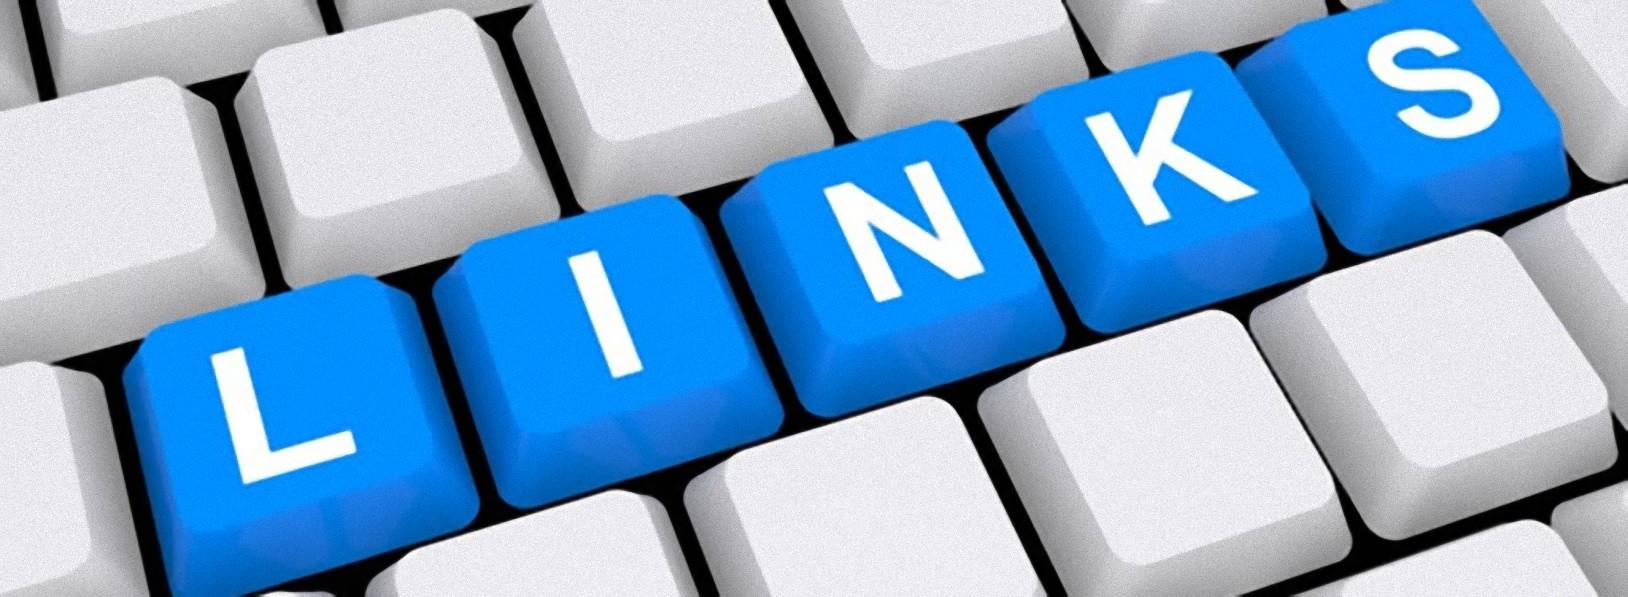 tastiera, tasti bianchi, tasti azzurri, testo, links